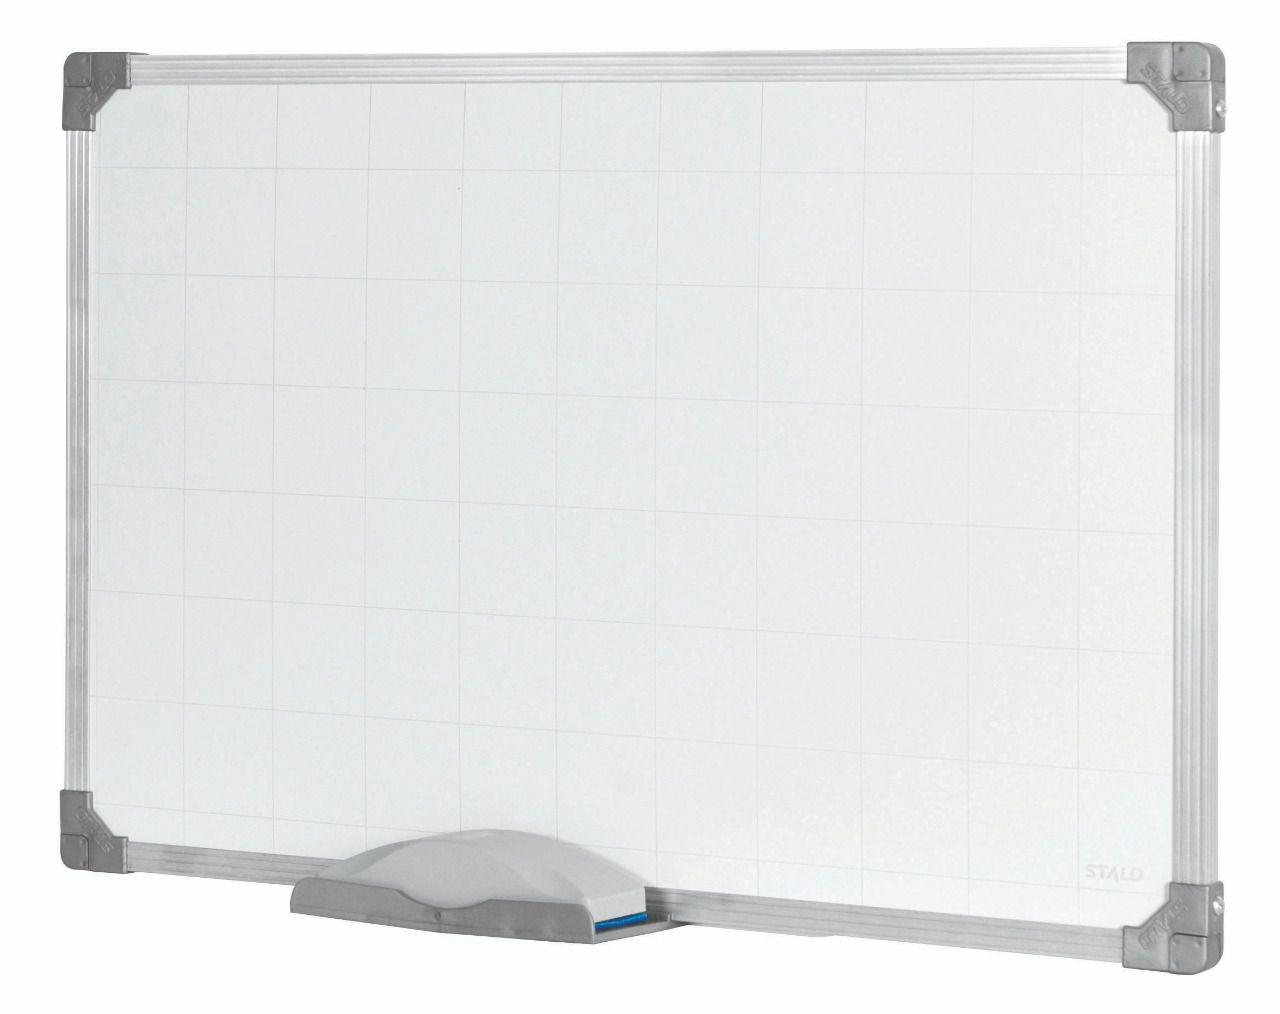 Quadro Branco Quadriculado Stalo 9547 60x100cm com Moldura de Alumínio